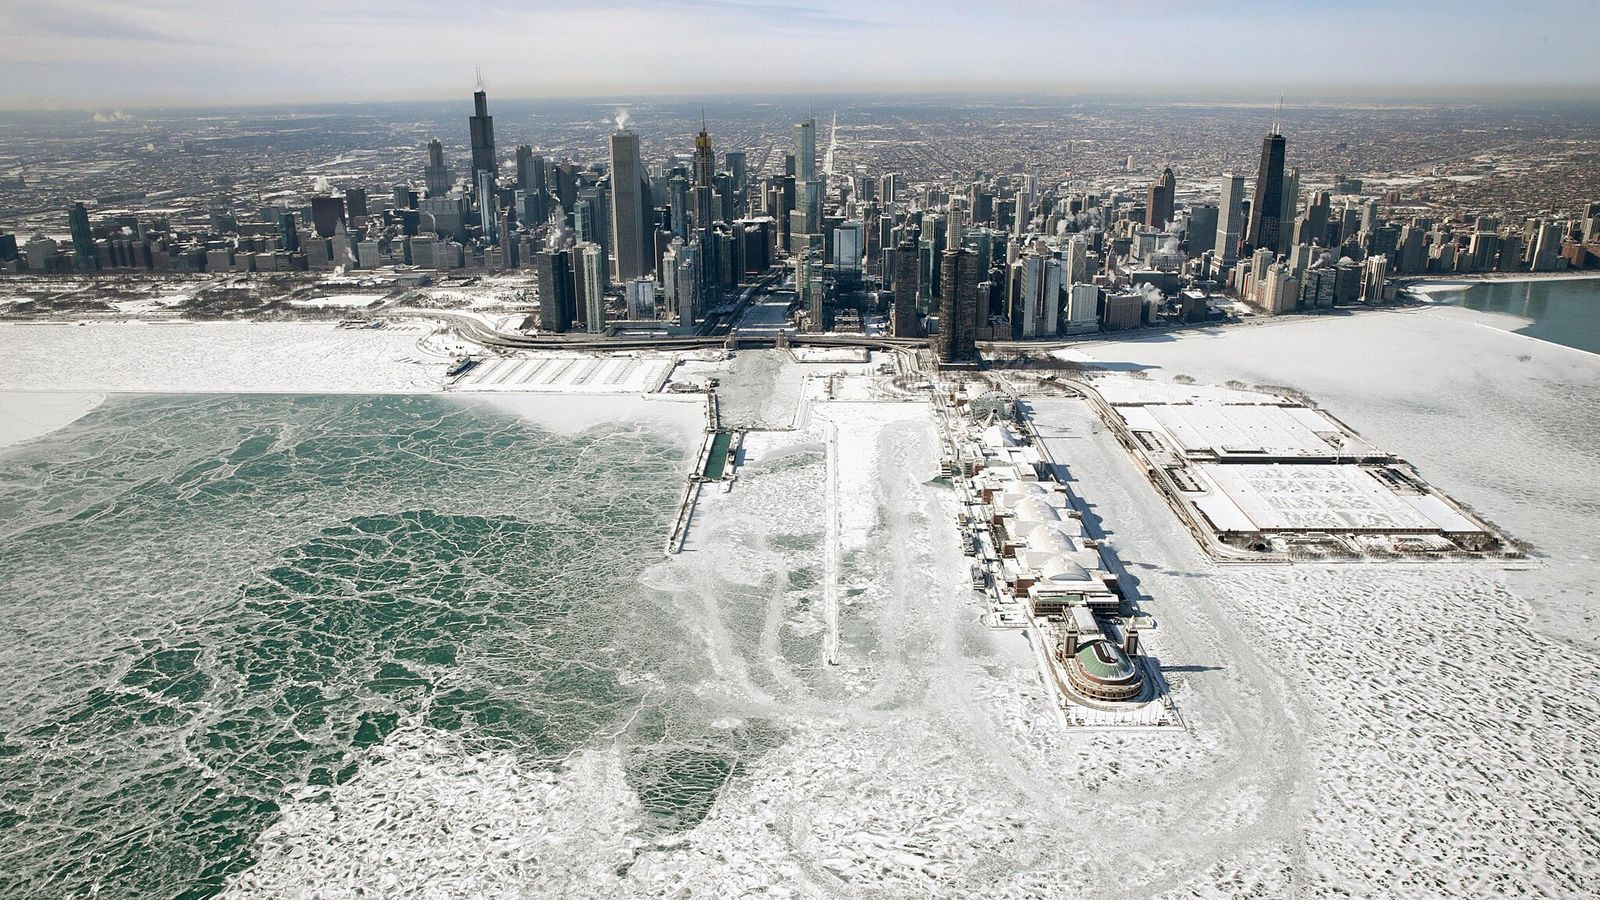 De la glace s'est formée sur les rives du lac Michigan alors que les températures ont chuté pour atteindre ...